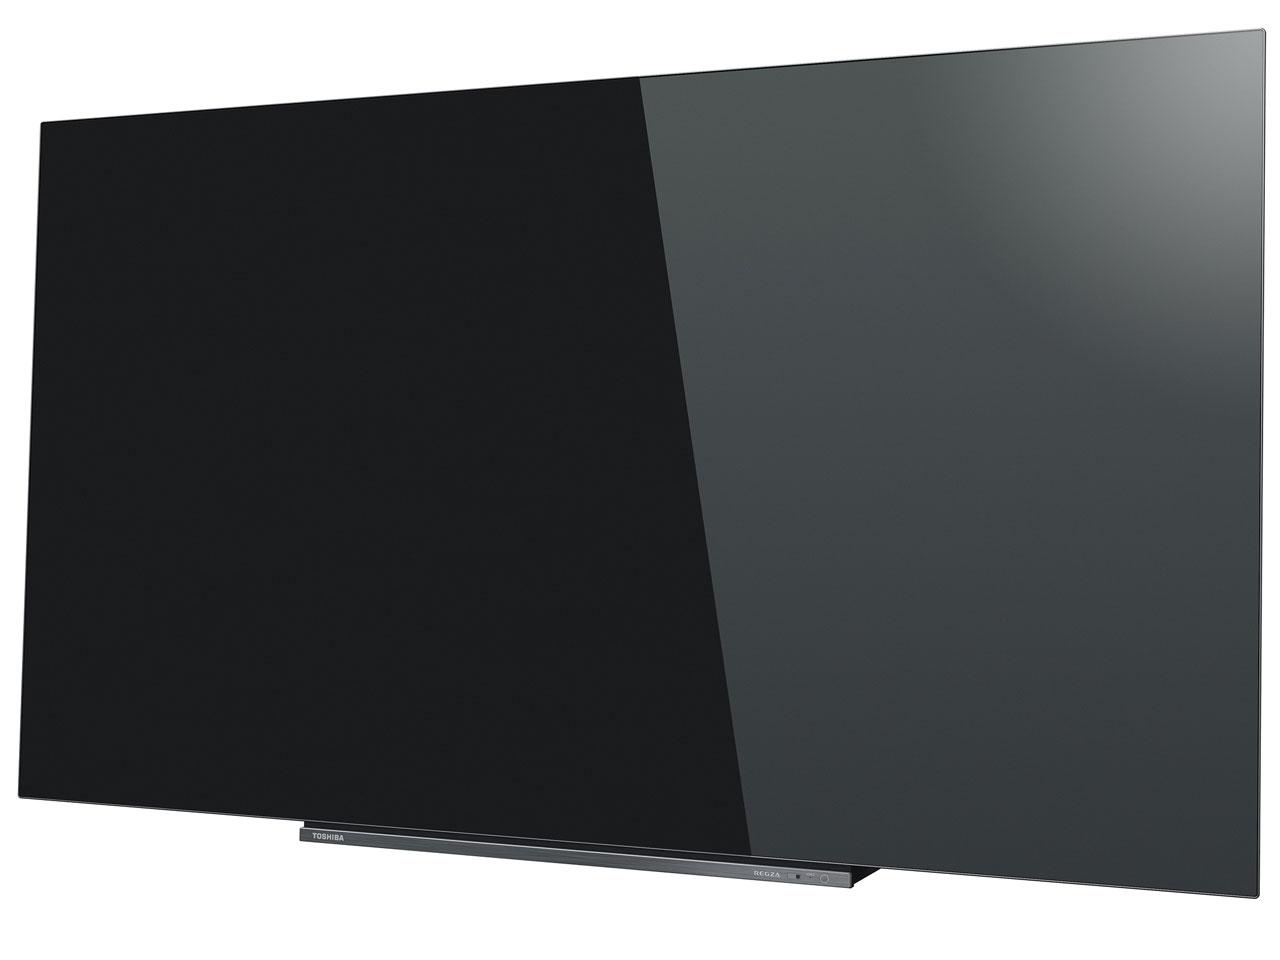 『本体 斜め』 REGZA 55X930 [55インチ] の製品画像